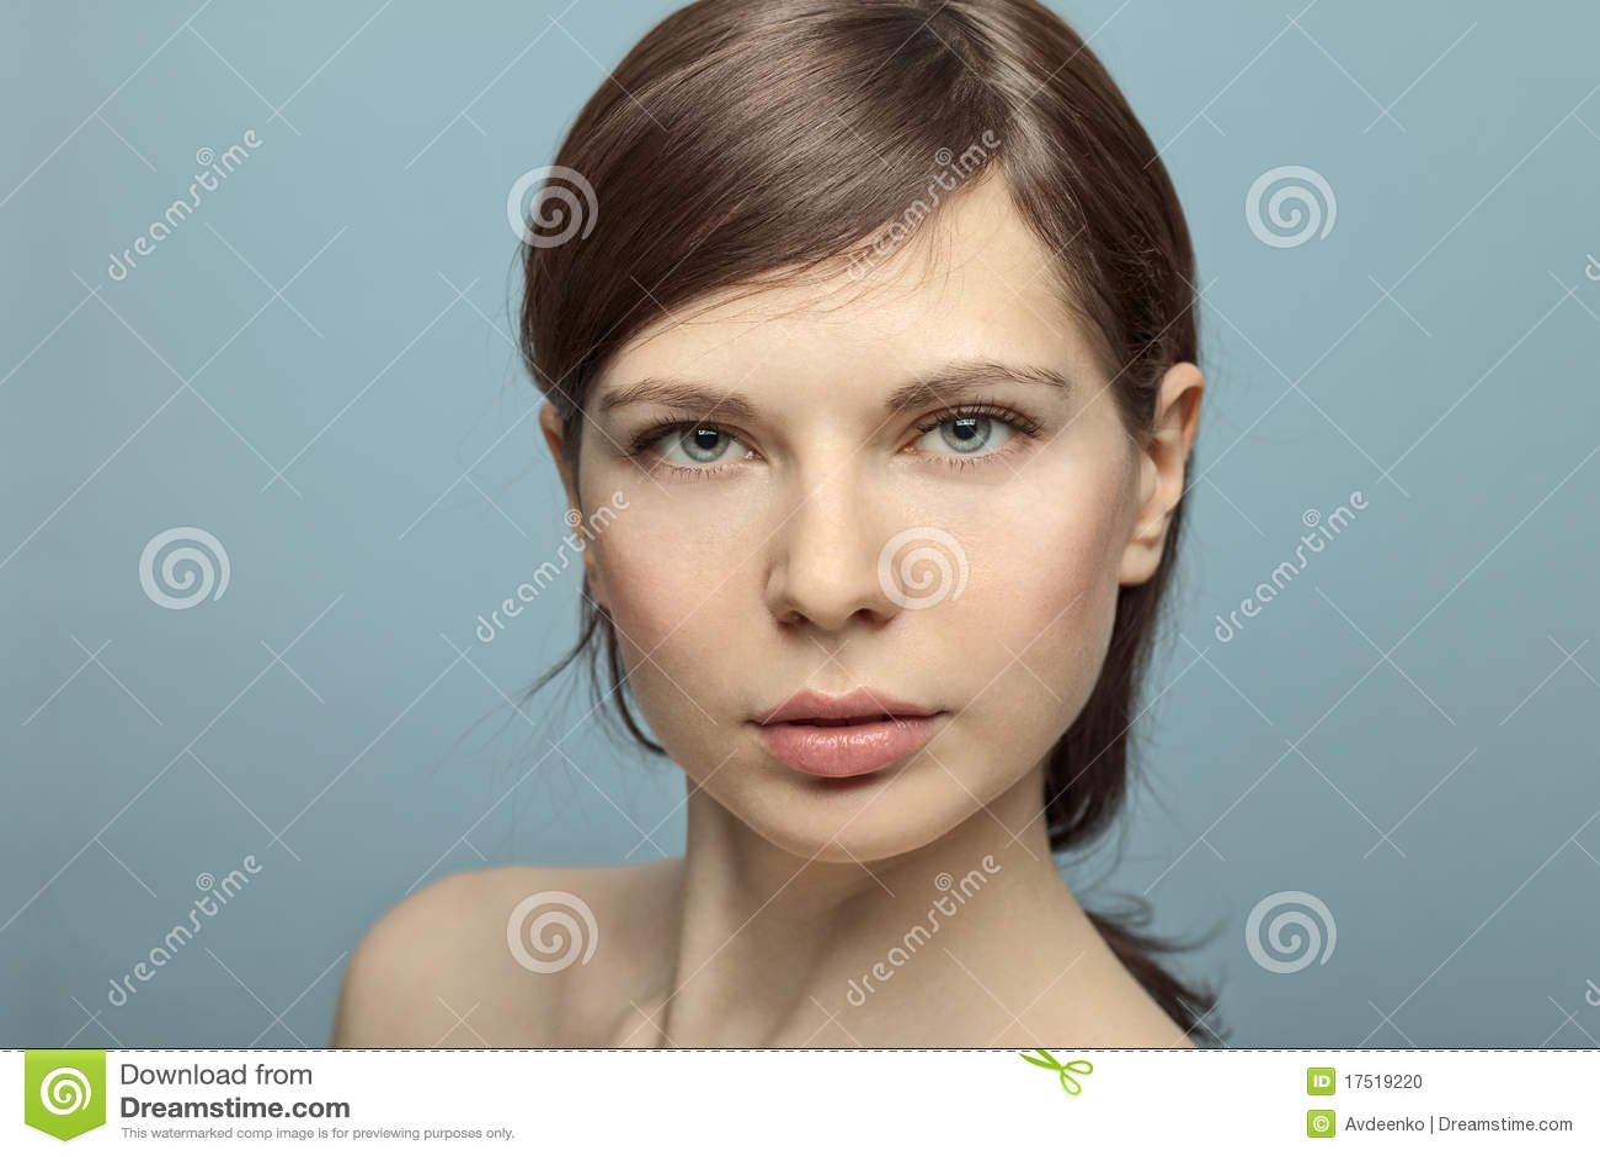 Beautiful Young Woman Shot In Studio No Makeup. Stock ...